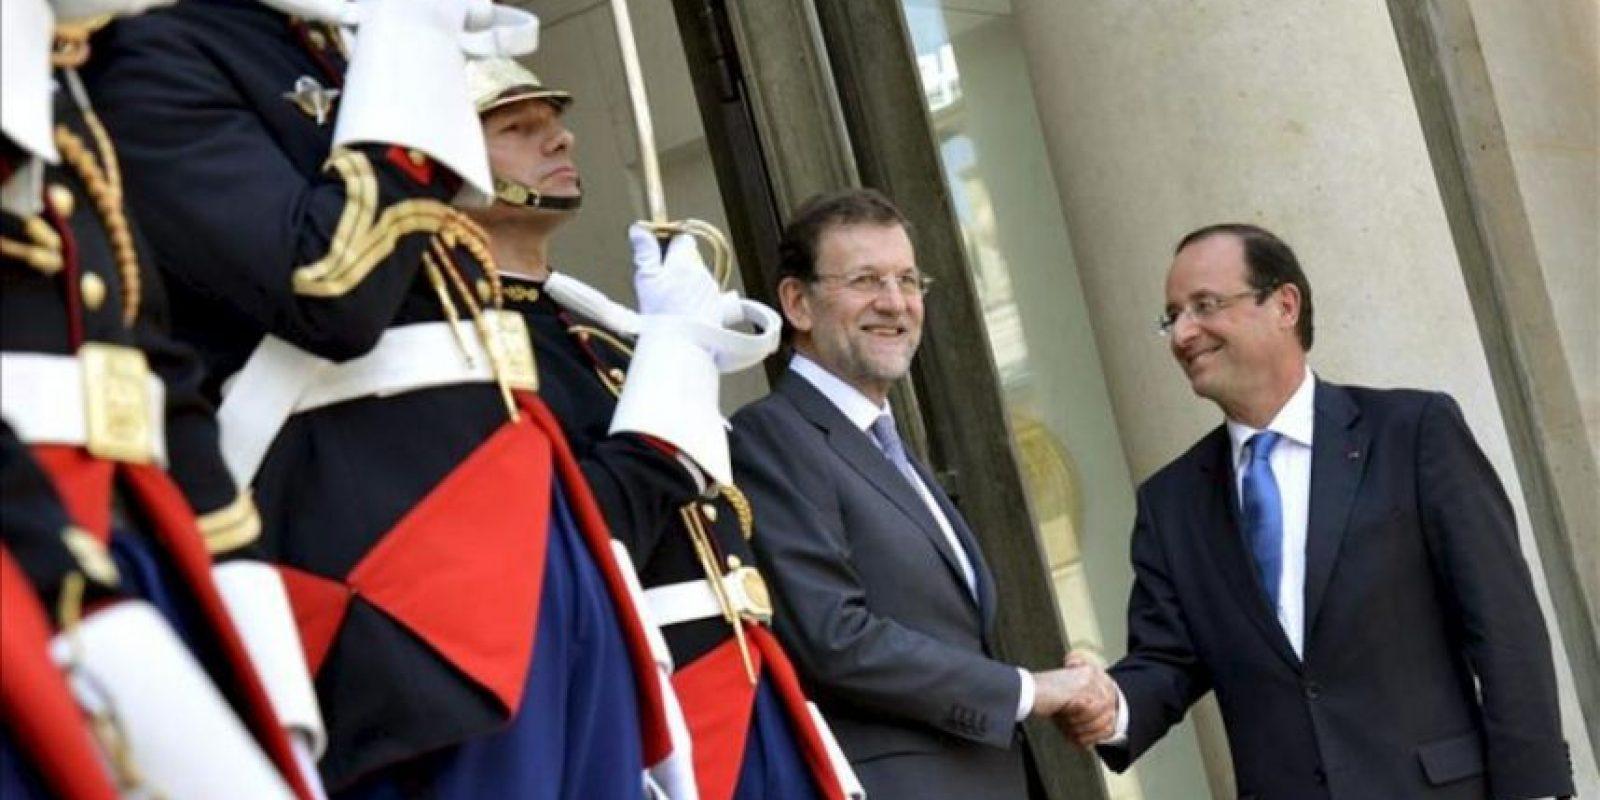 Foto cecida por la presidencia del Gobierno en la que se ve al presidente del Gobierno español, Mariano Rajoy (i), en el momento de ser recibido hoy en el Palacio del Elíseo por el presidente francés, François Hollande. EFE